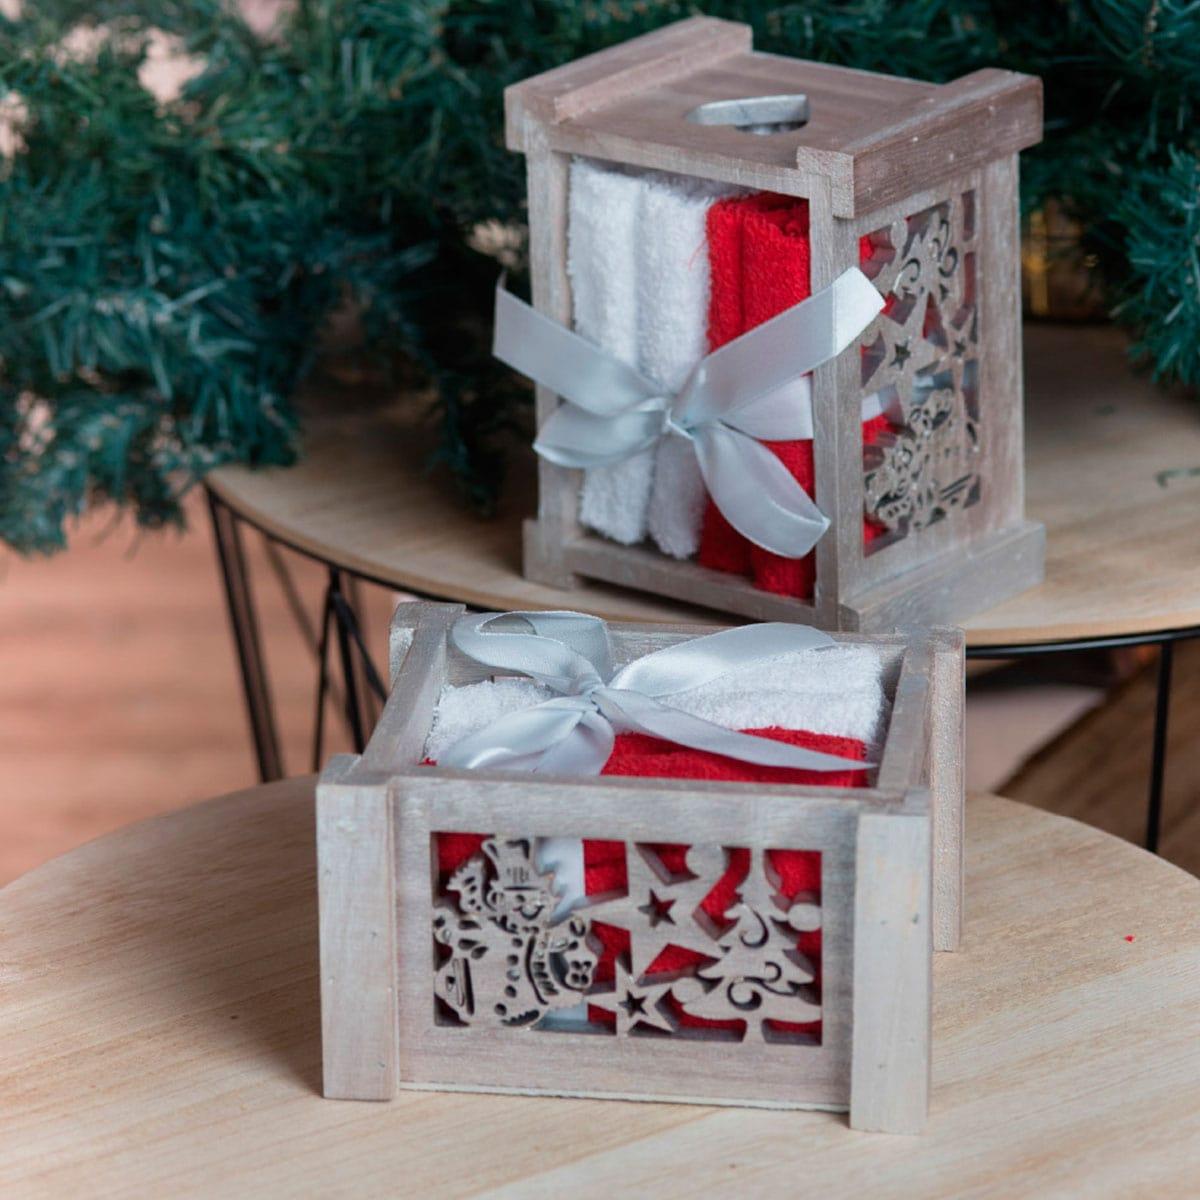 Λαβέτες Σετ 4τμχ Χριστουγεννιάτικες Σε Ξύλινο Κουτί Box 1010 Red-White Teoran Σετ Πετσέτες